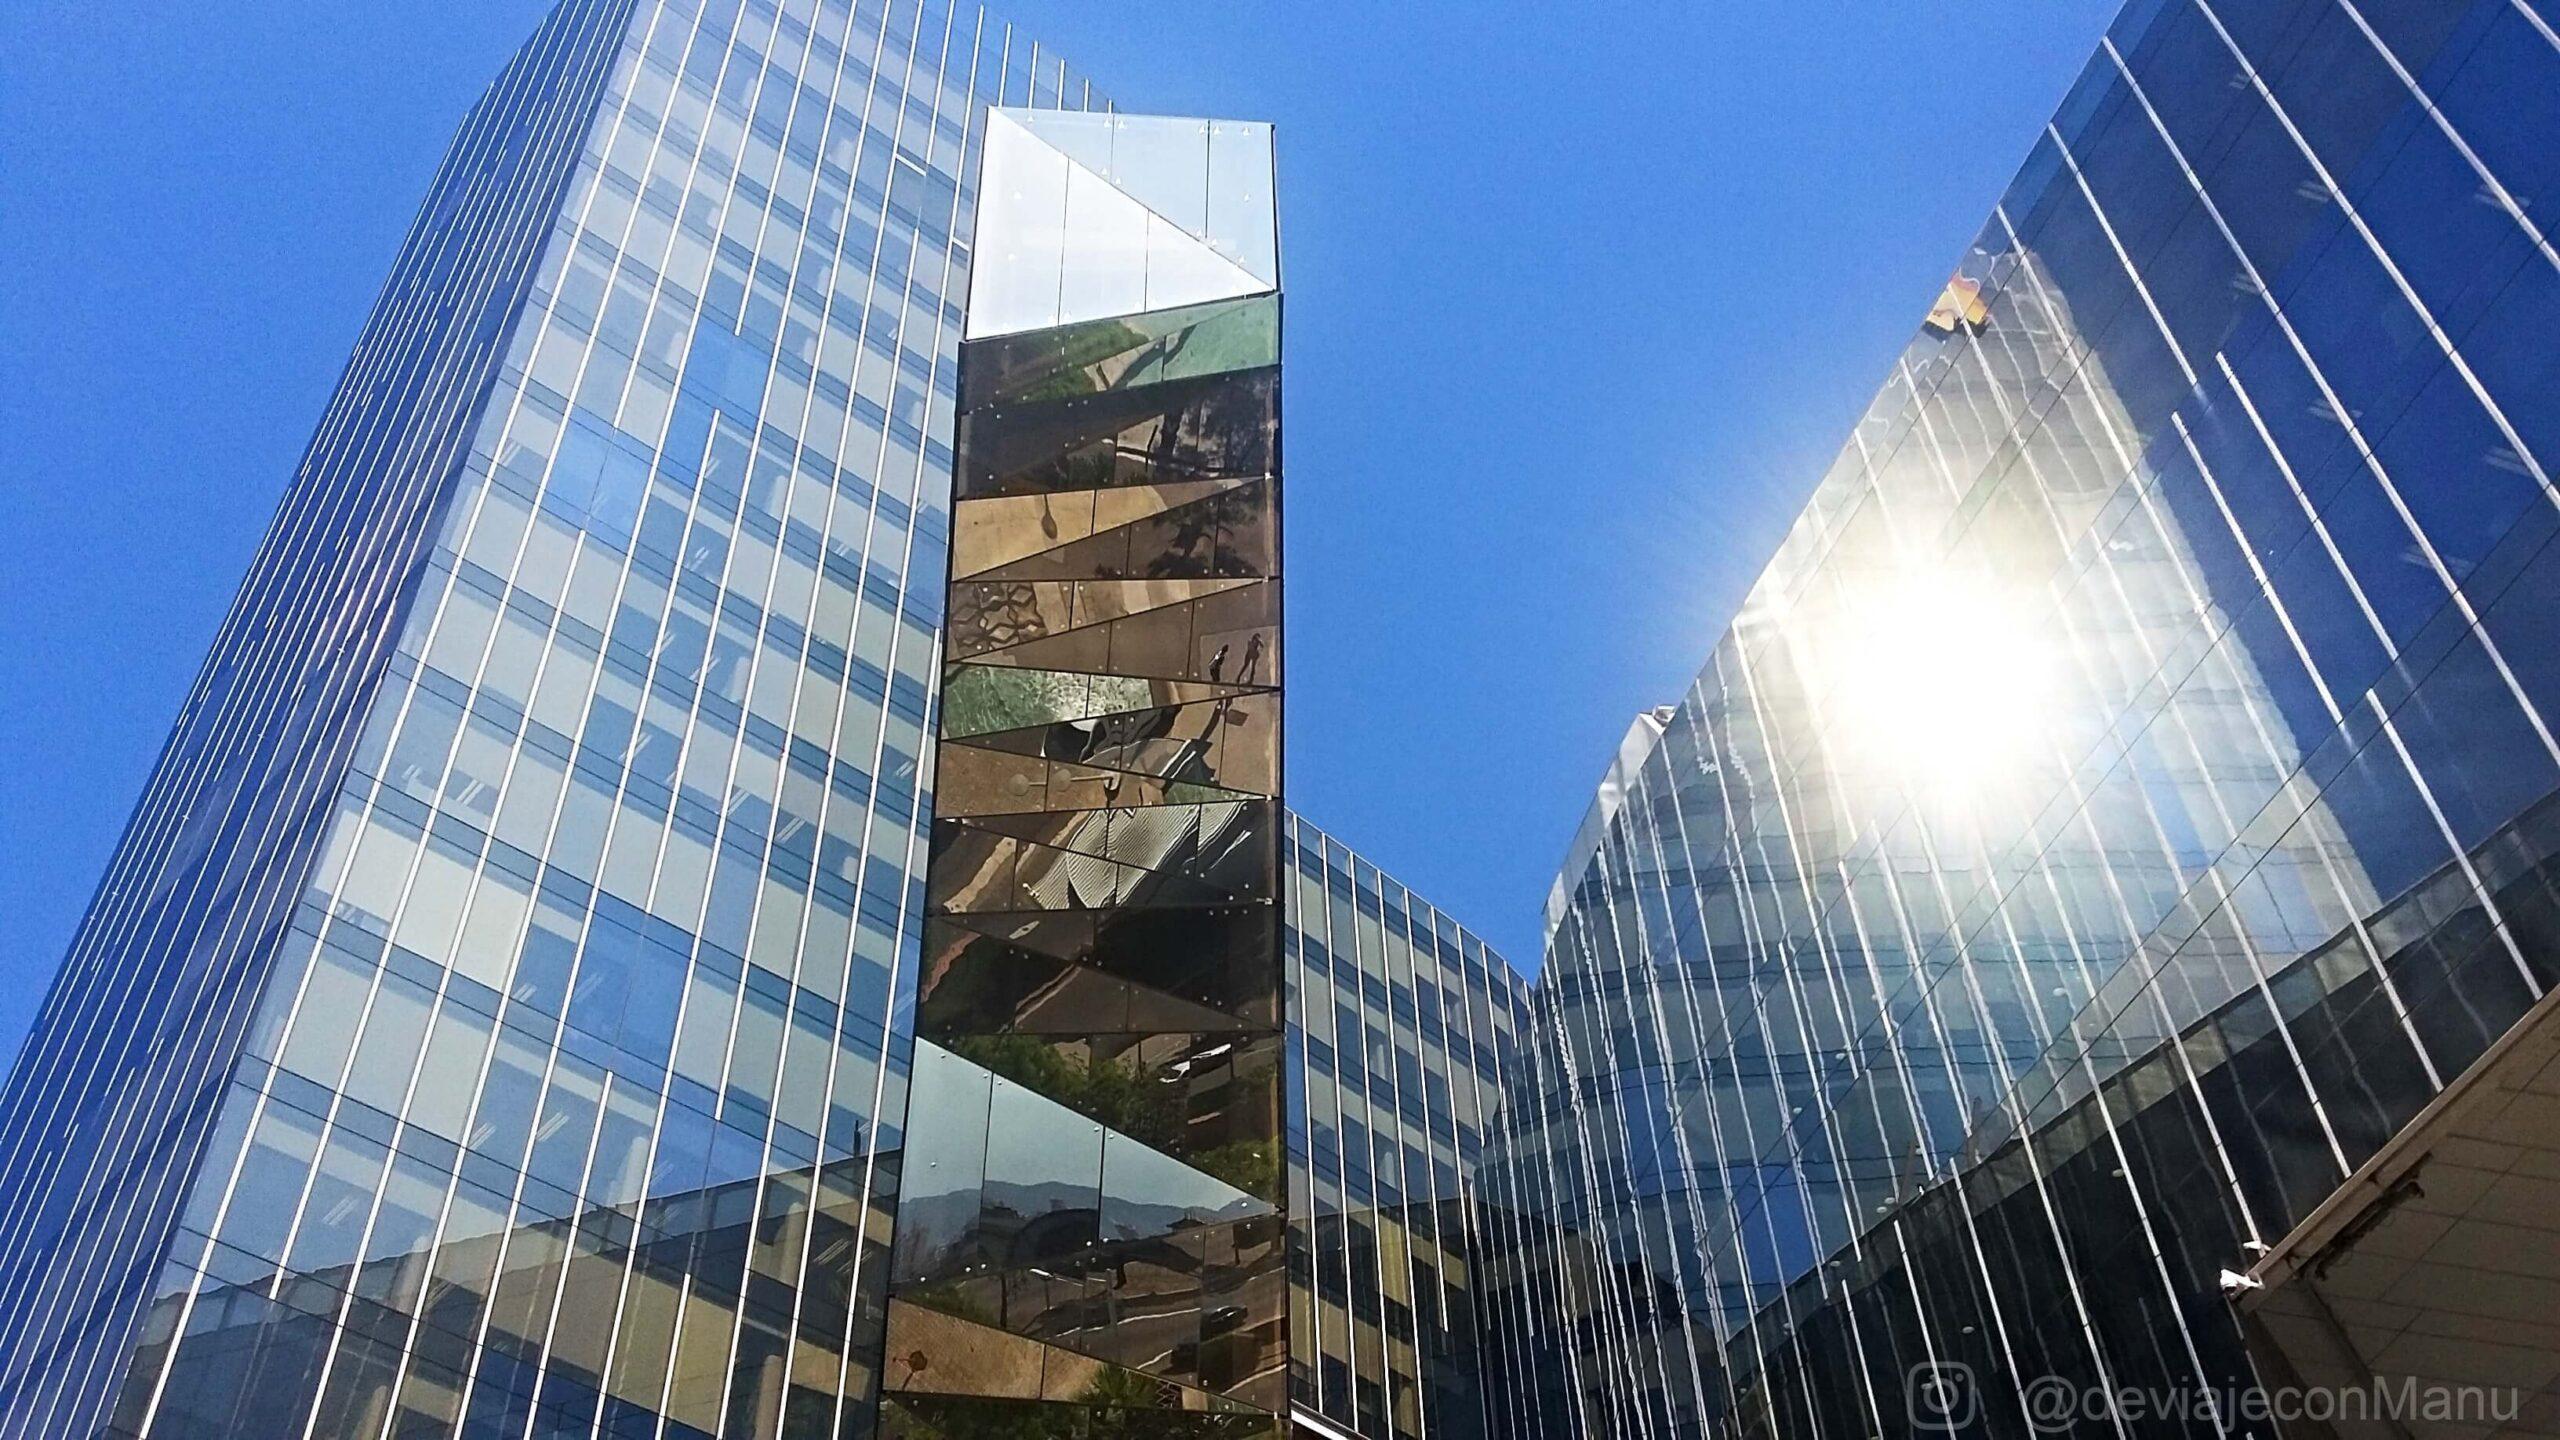 Arquitectura espejada